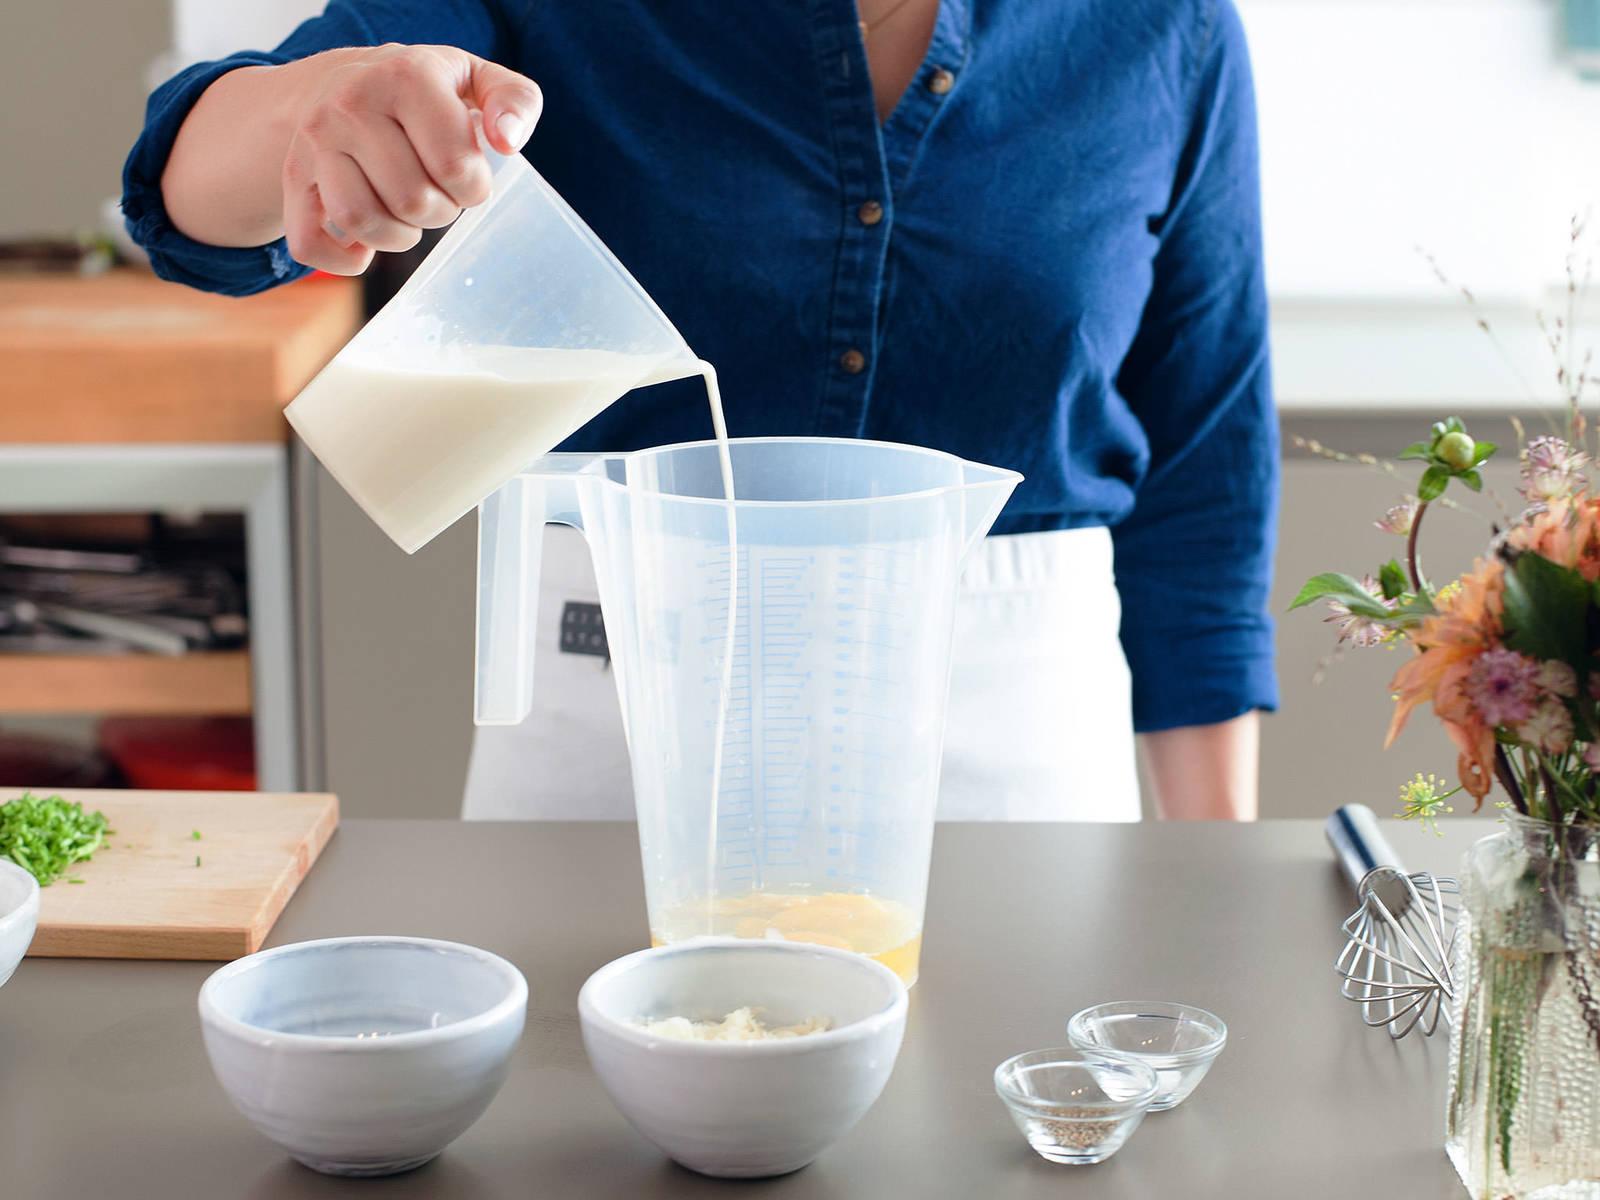 Ofen auf 220°C vorheizen. Popover- oder Muffinform leicht mit Butter einfetten. Schnittlauch hacken und Käse reiben. Im Messbecher Eier, Milch und Butter verrühren, bis alles gut vermengt ist.